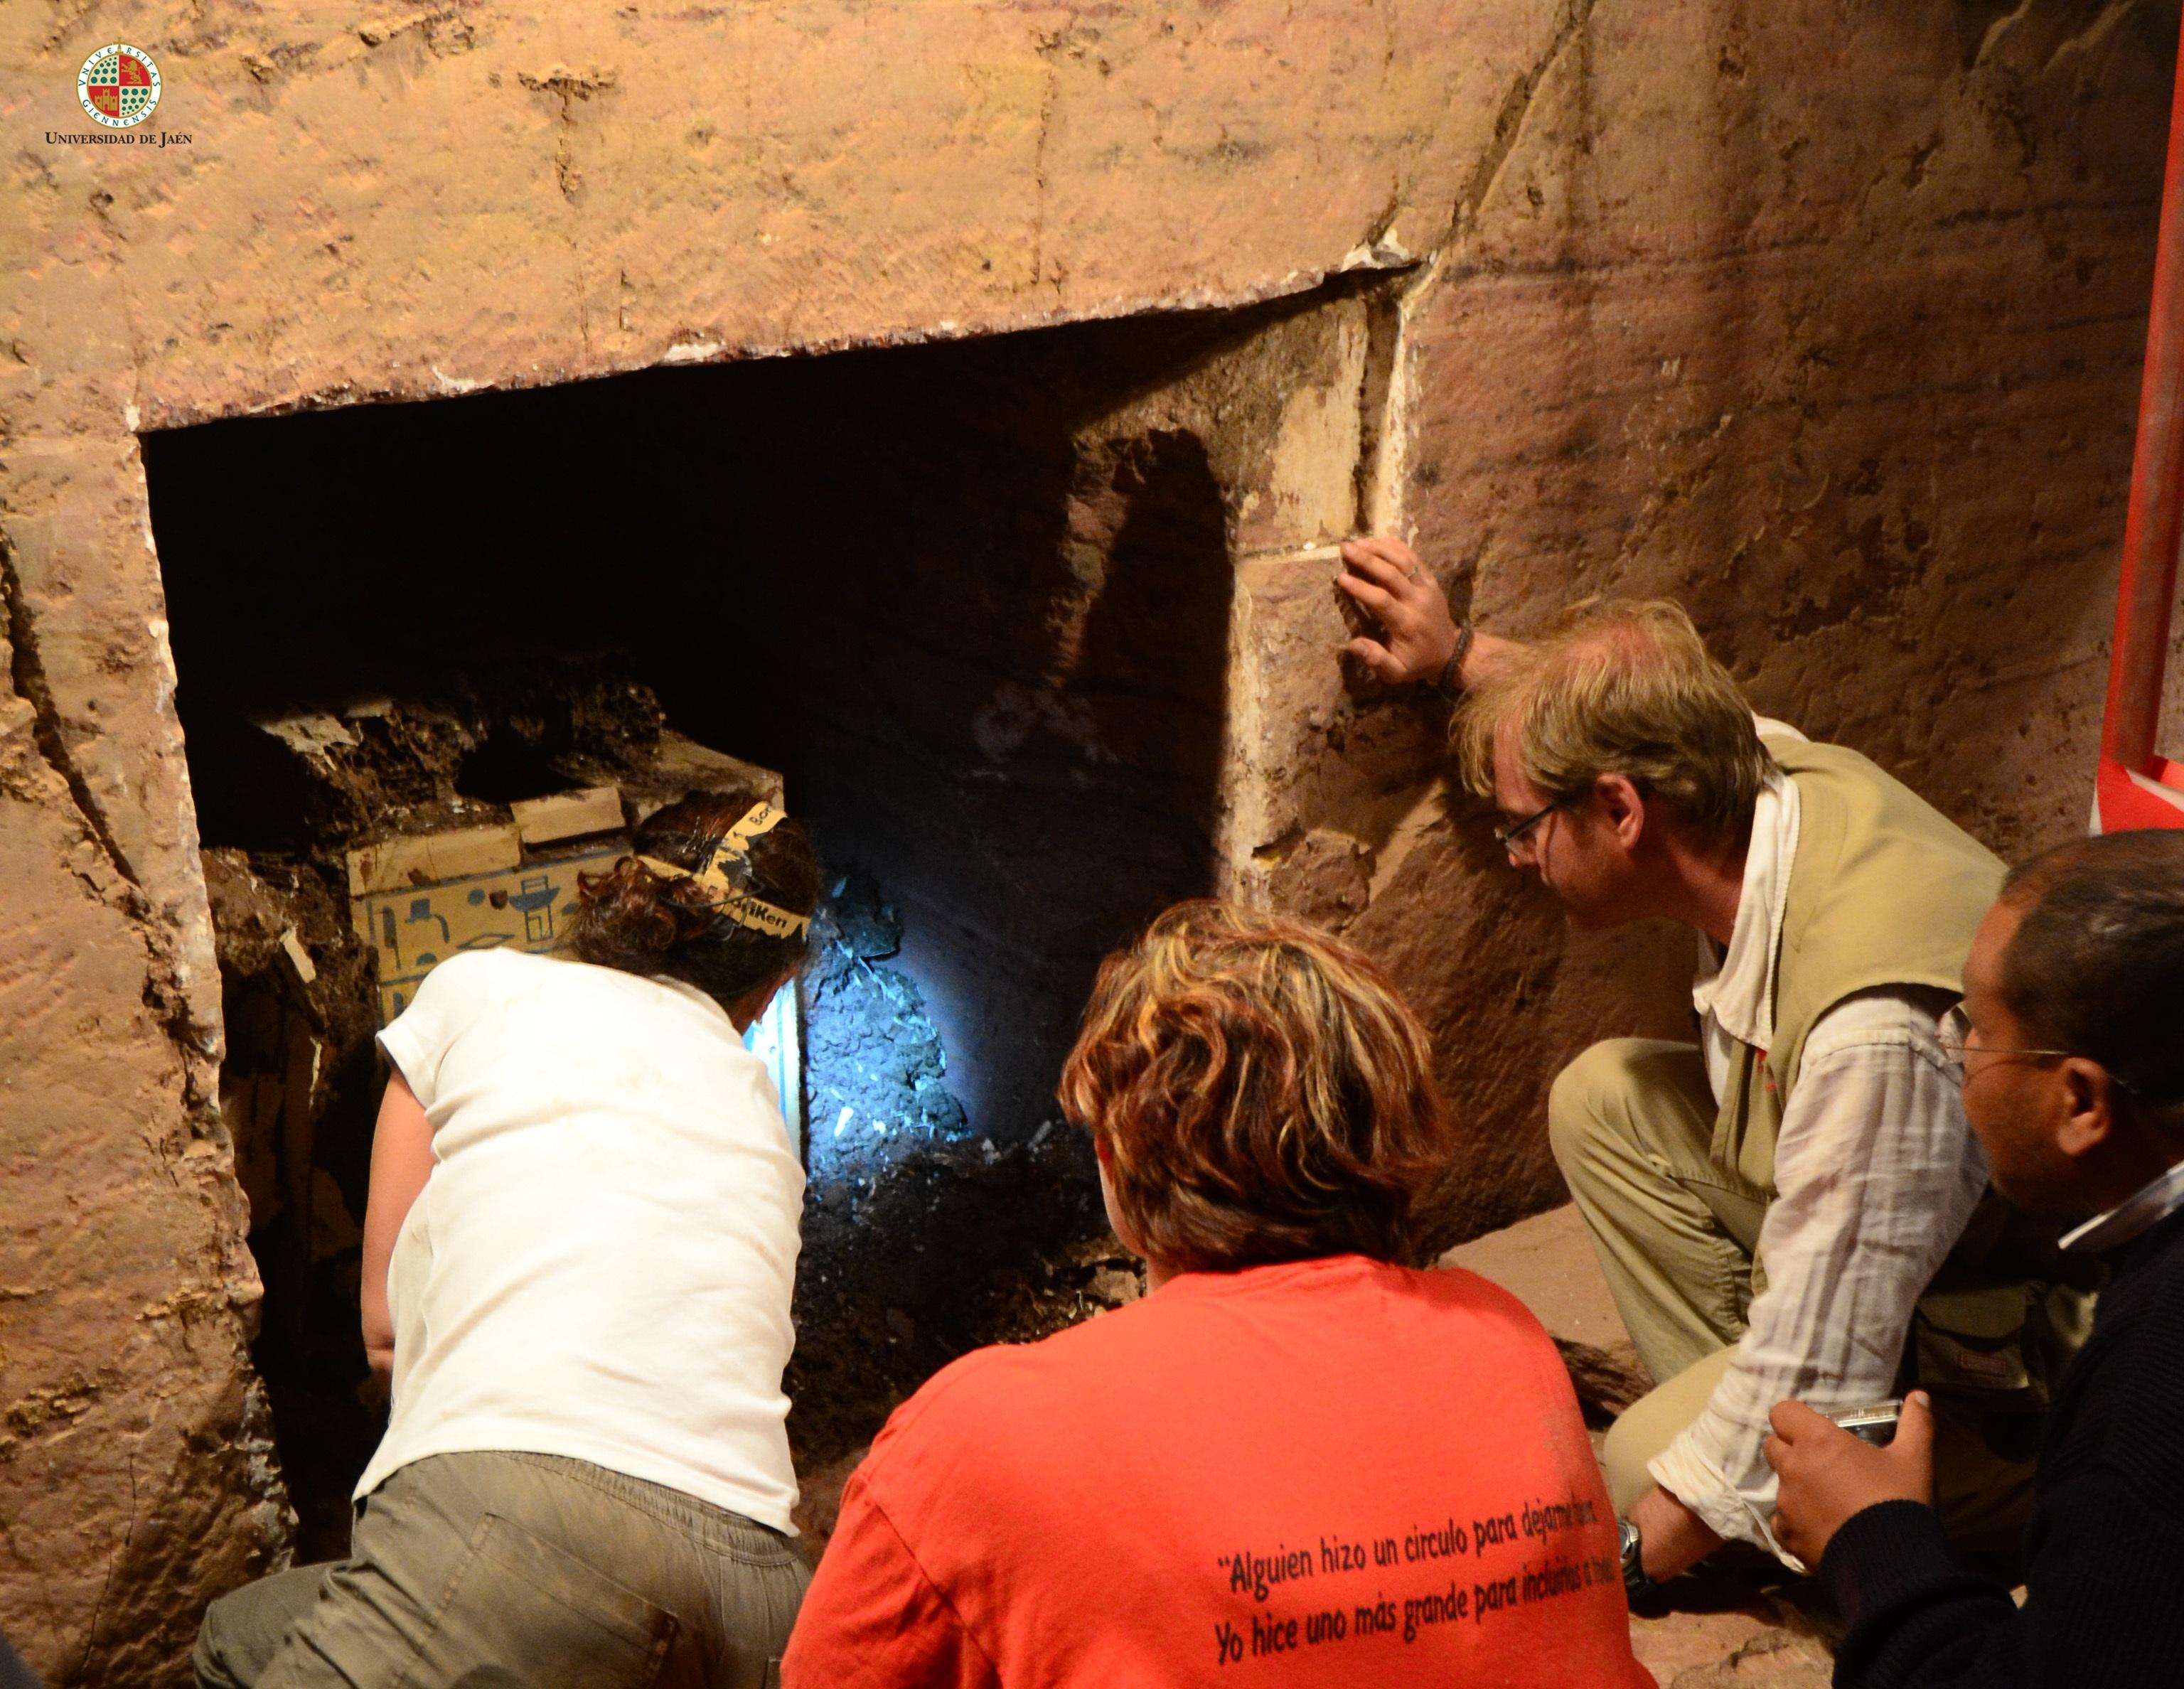 Acceden a una cámara intacta de más de 4.000 años en la necrópolis faraónica Qubbet el Hawa (Egipto)